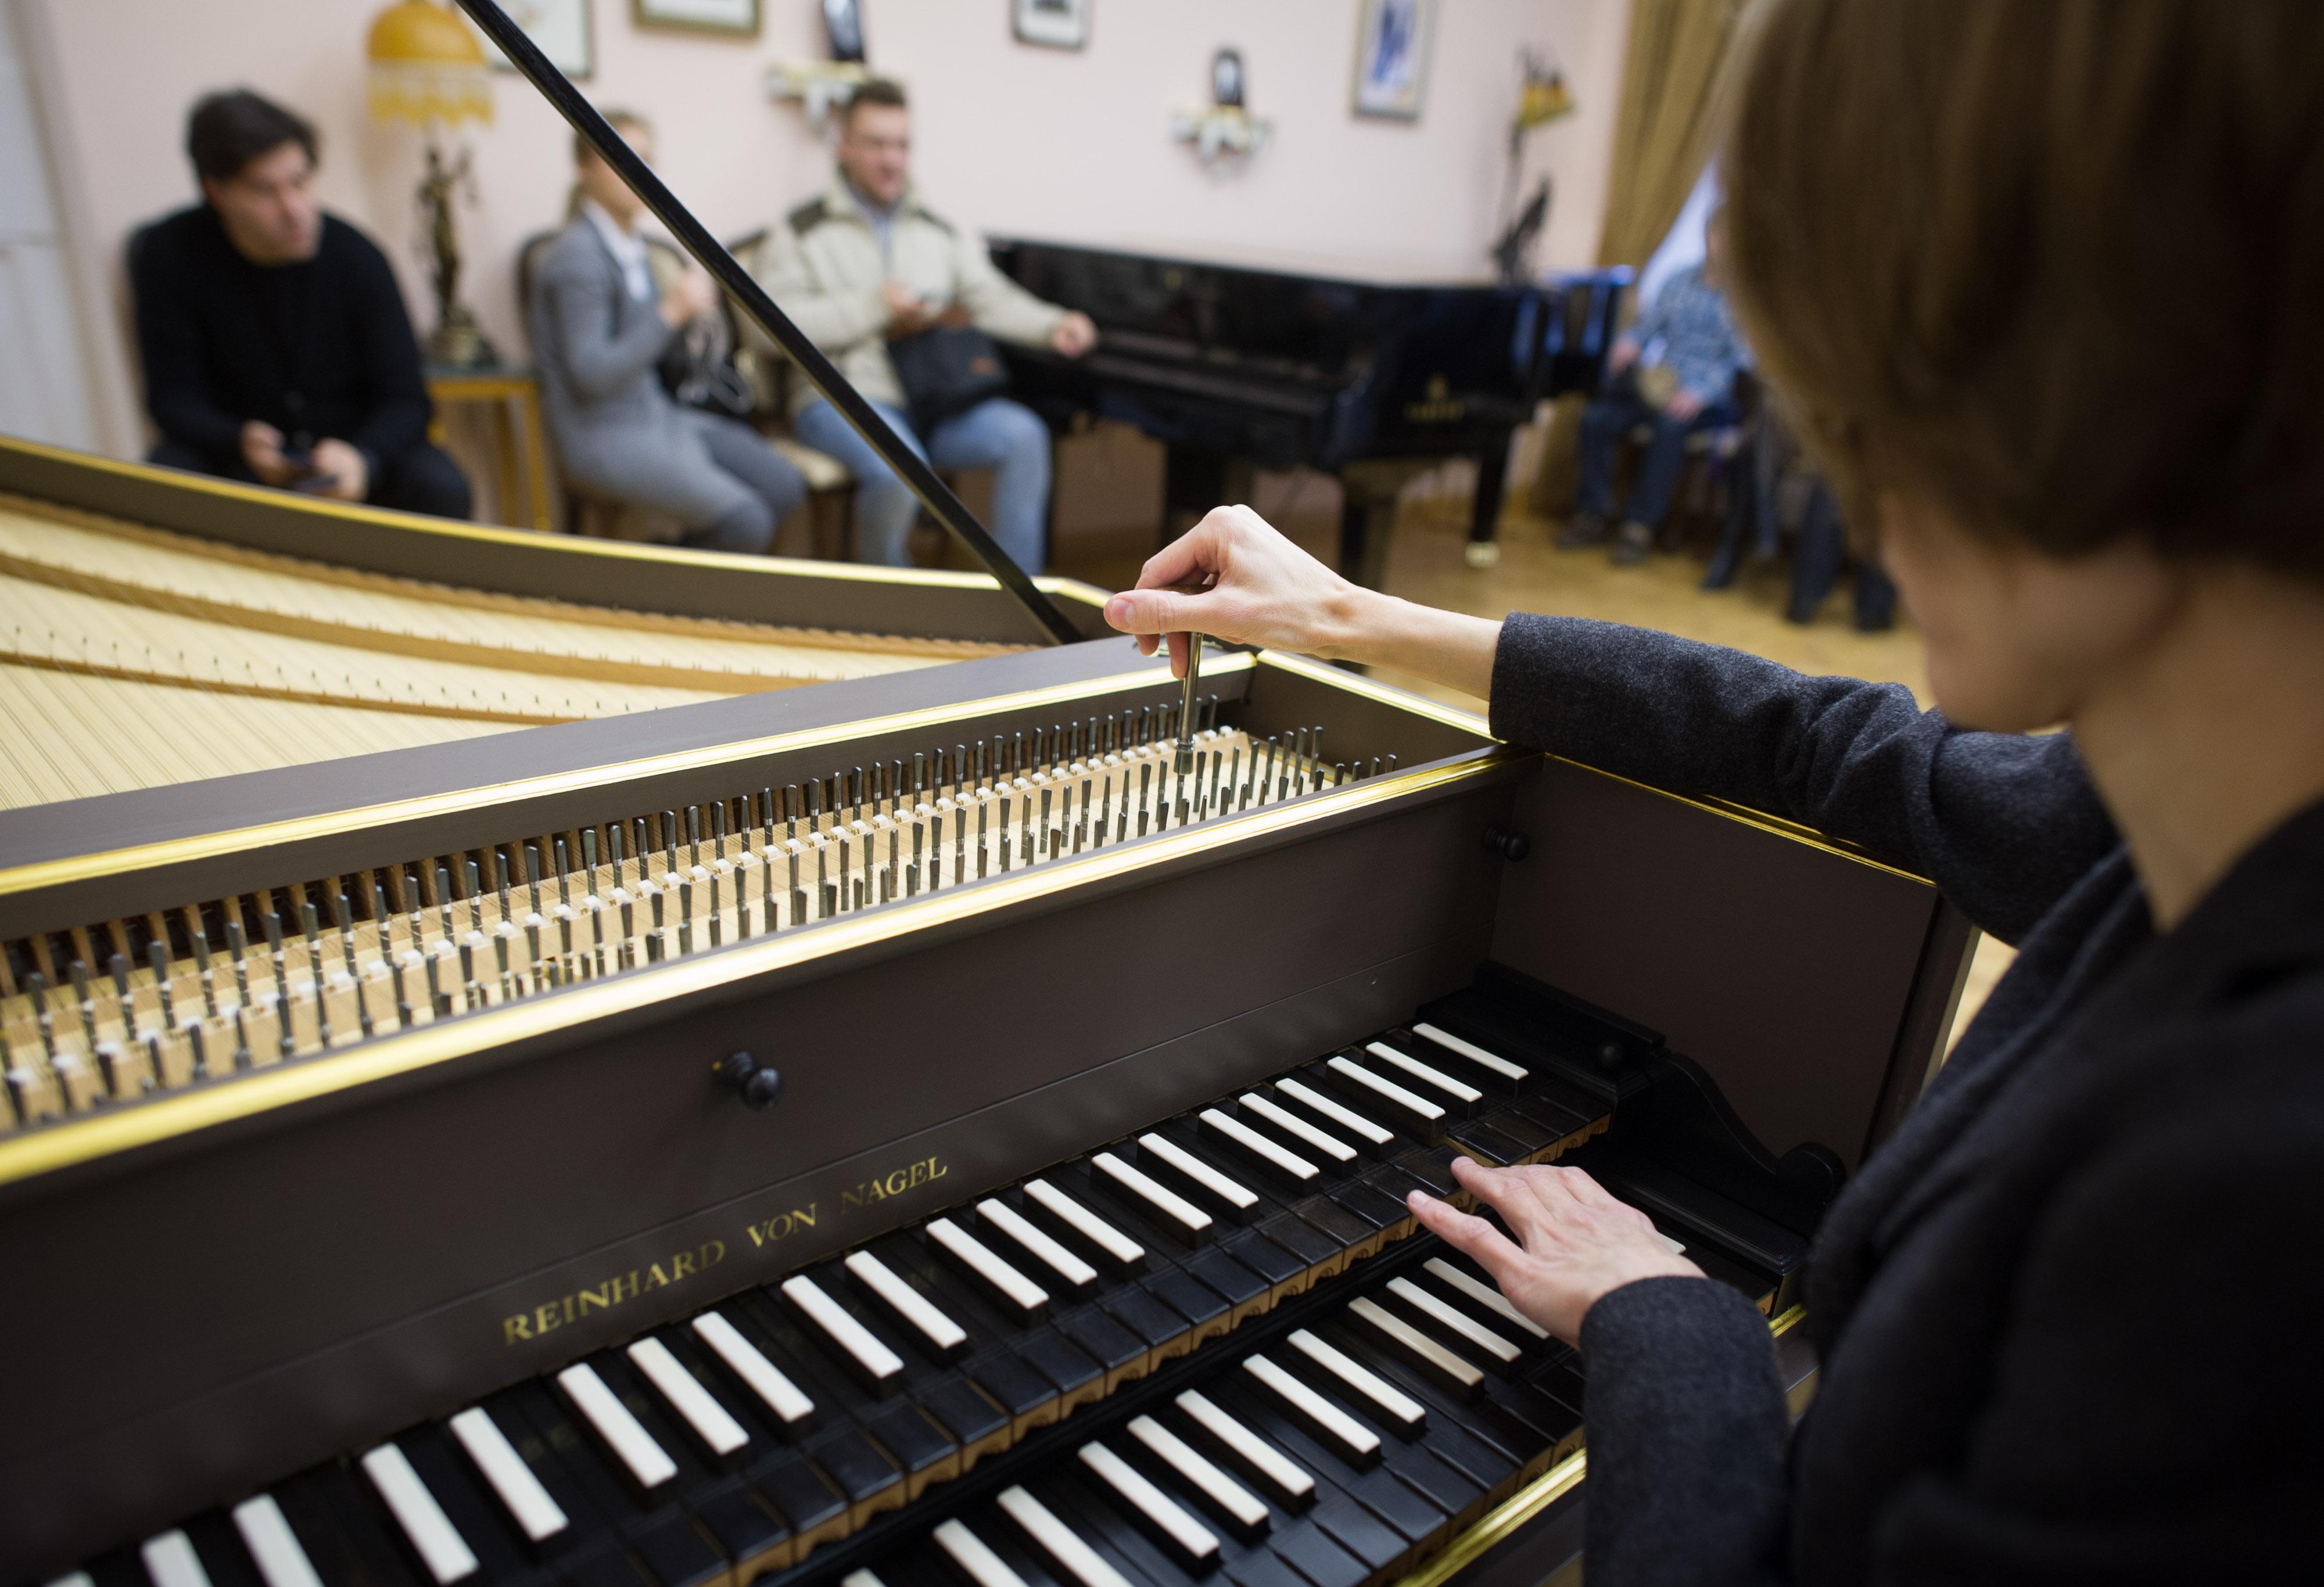 Мастер настраивает рояль